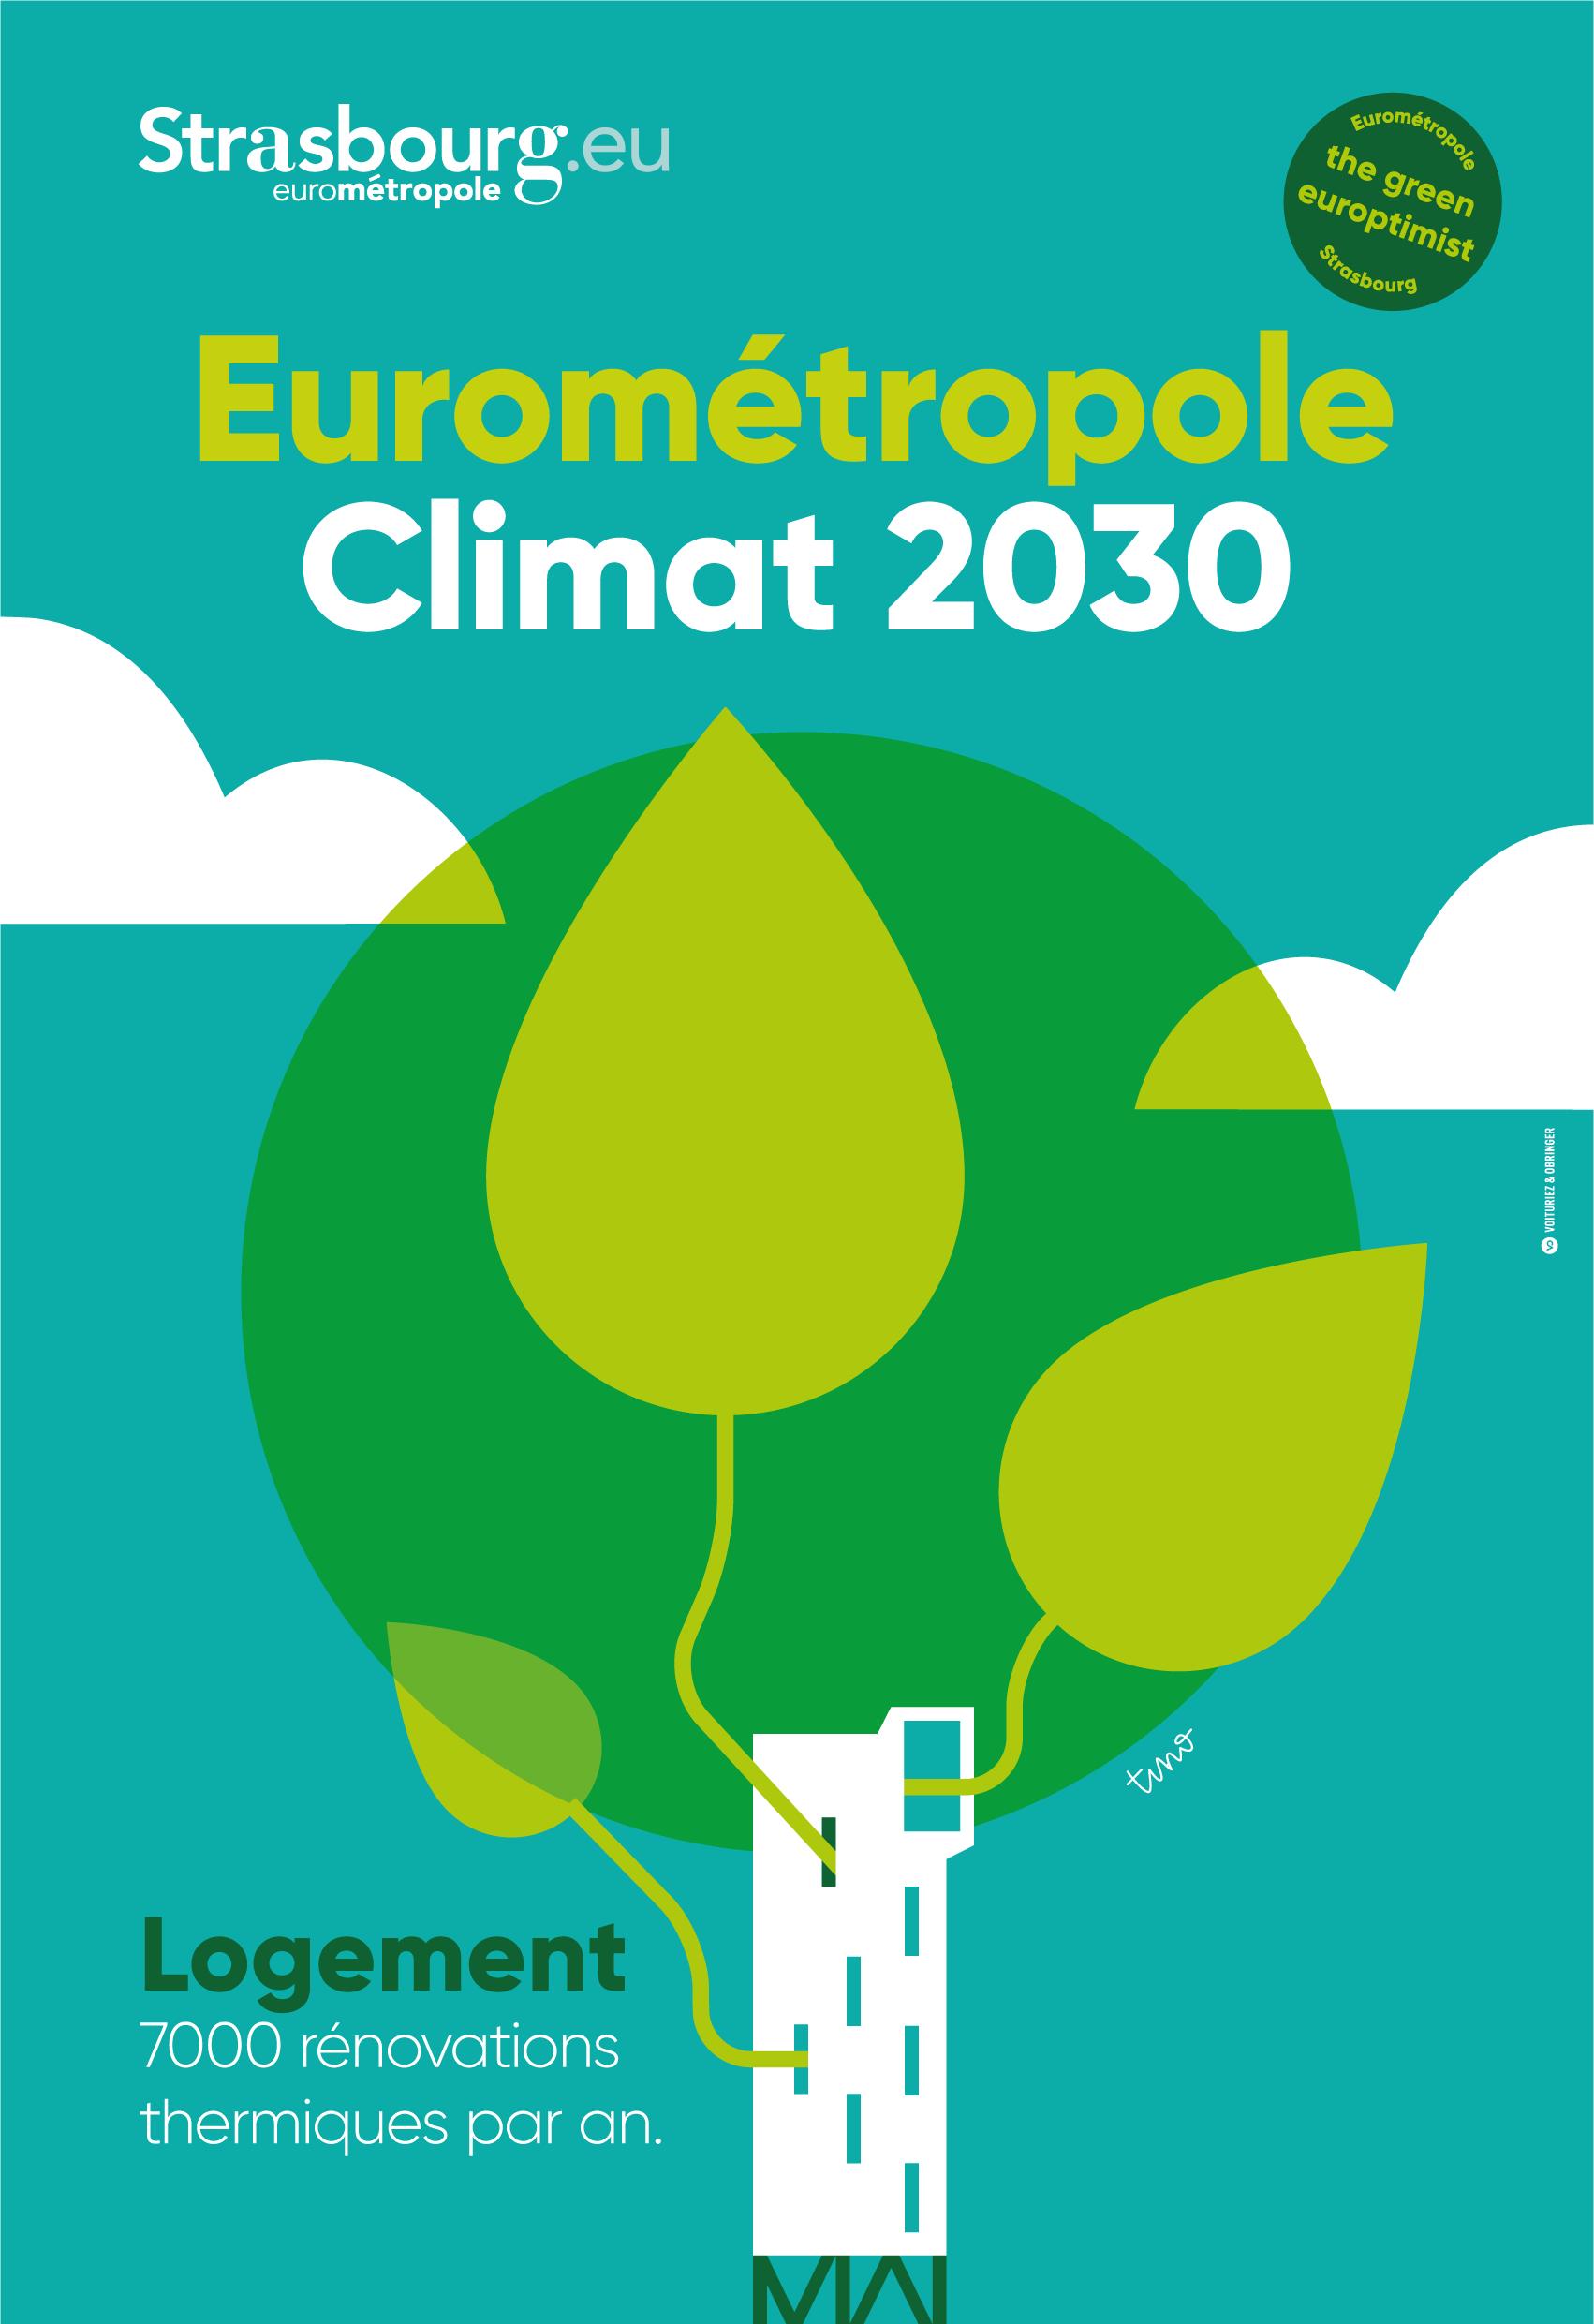 tino-tinoland-plan-climat-eurometropole-strasbourg-03